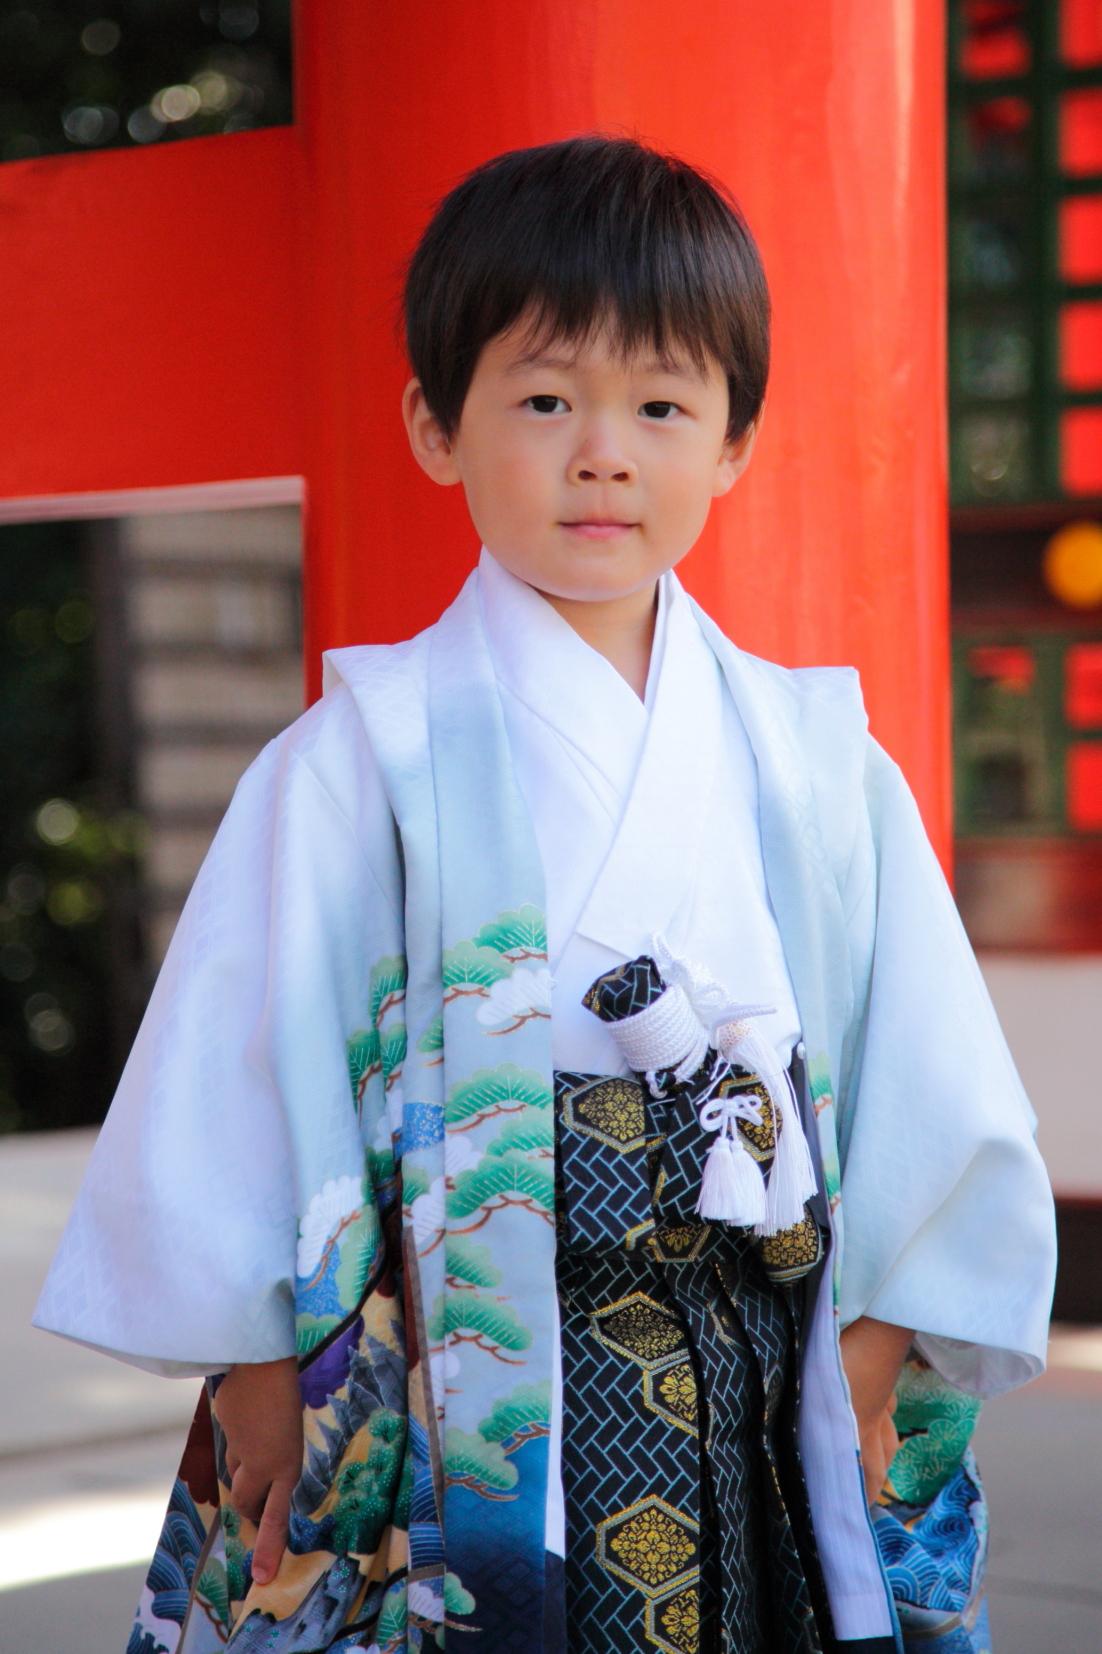 七五三 七五三詣り お祝い撮影 出張撮影 家族写真 蛭子美和子撮影